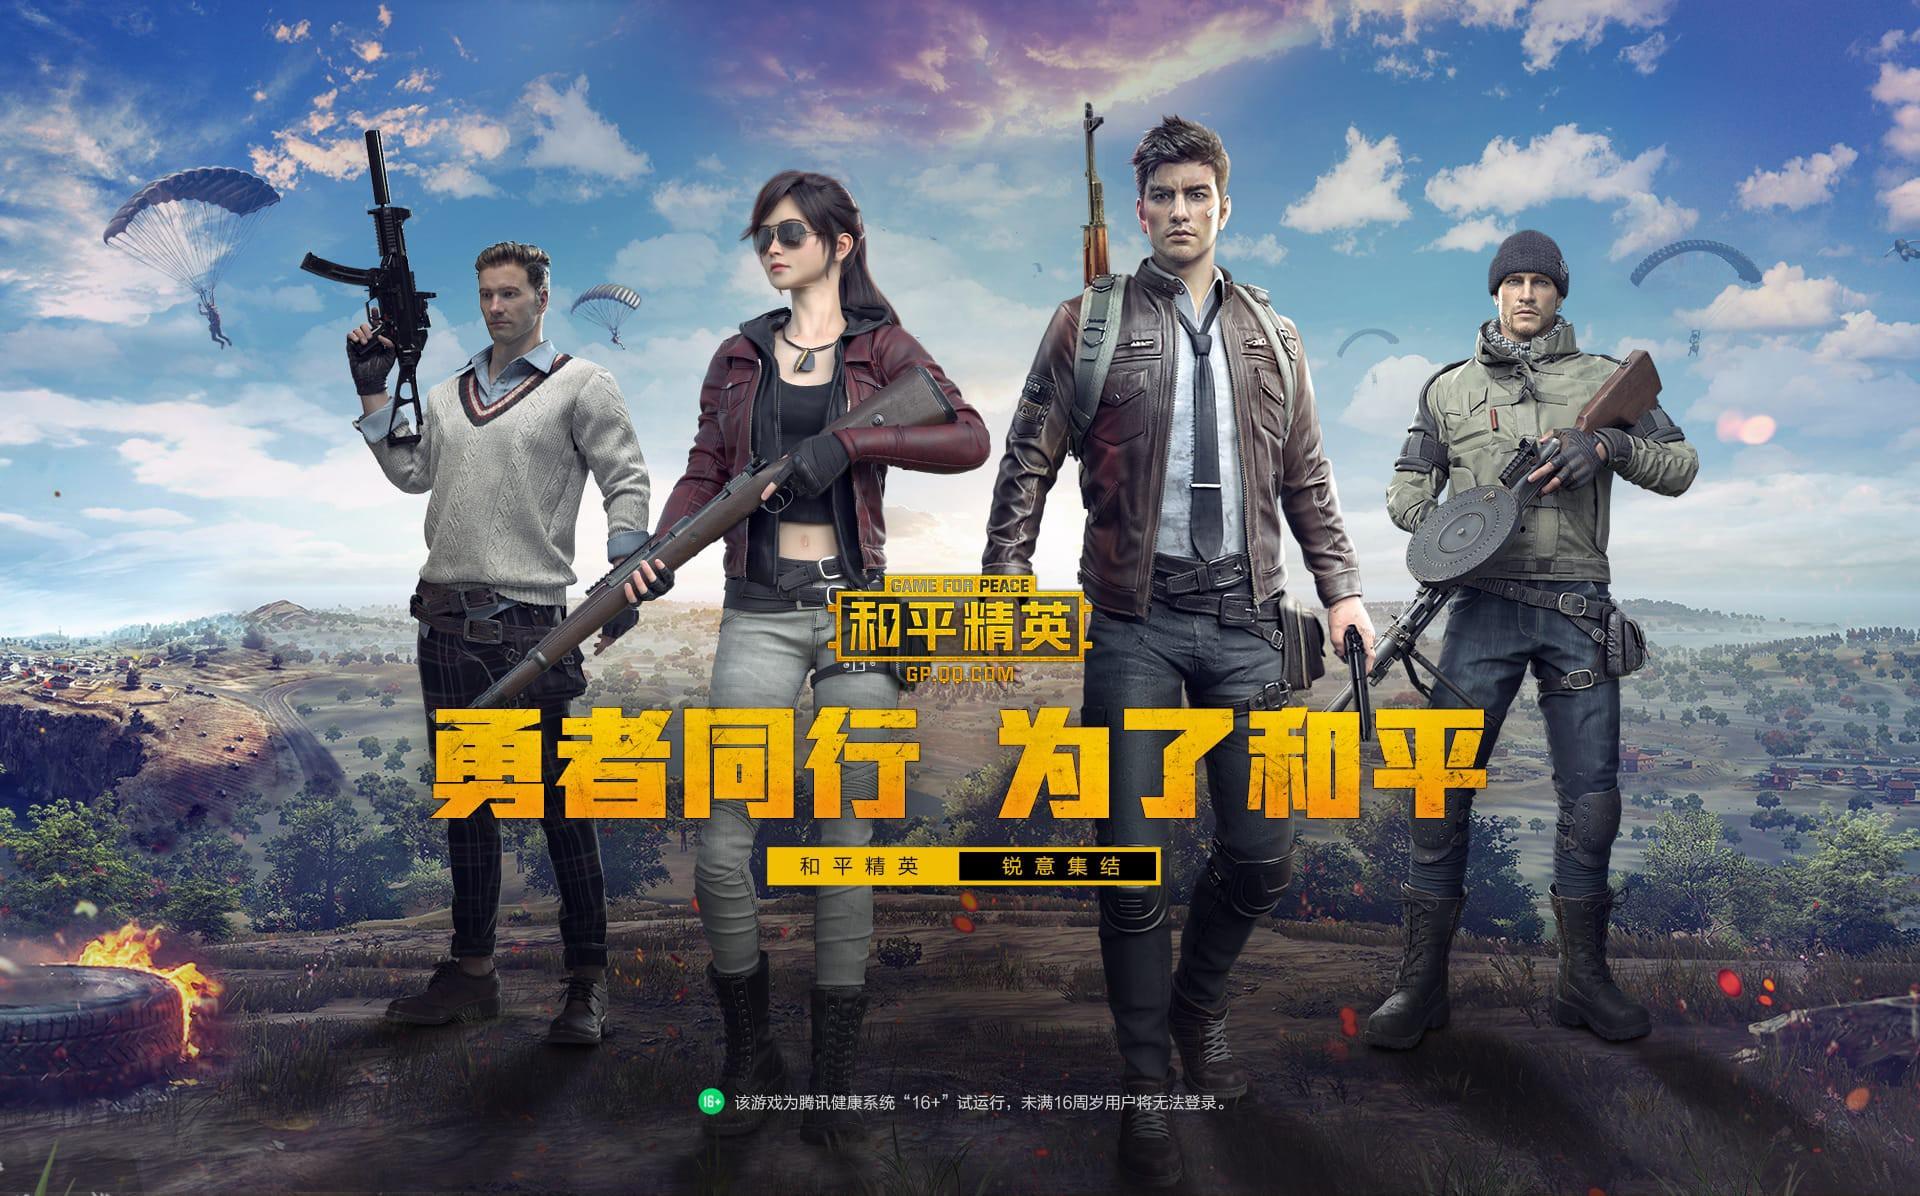 Bị sức ép từ chính phủ Trung Quốc, Tencent thay thế PUBG bằng phiên bản thiện lành hơn - Ảnh 1.